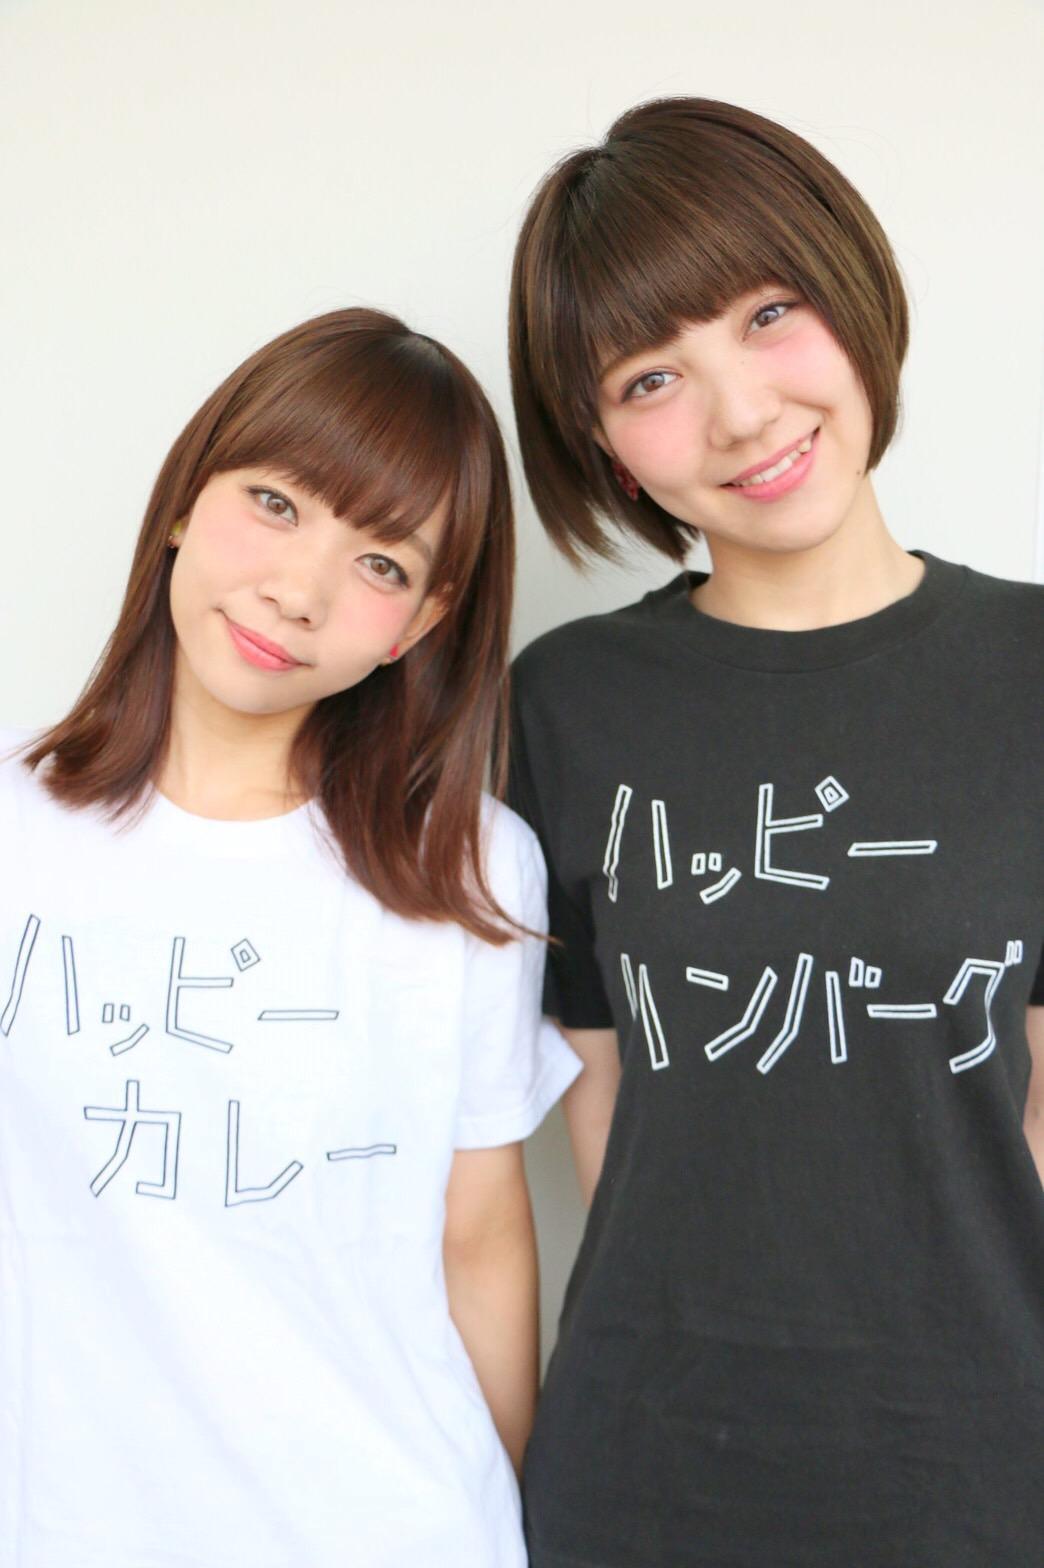 女子箱#45 × Yes Happy! × こまごめピペット 〜こまハピボックス!〜